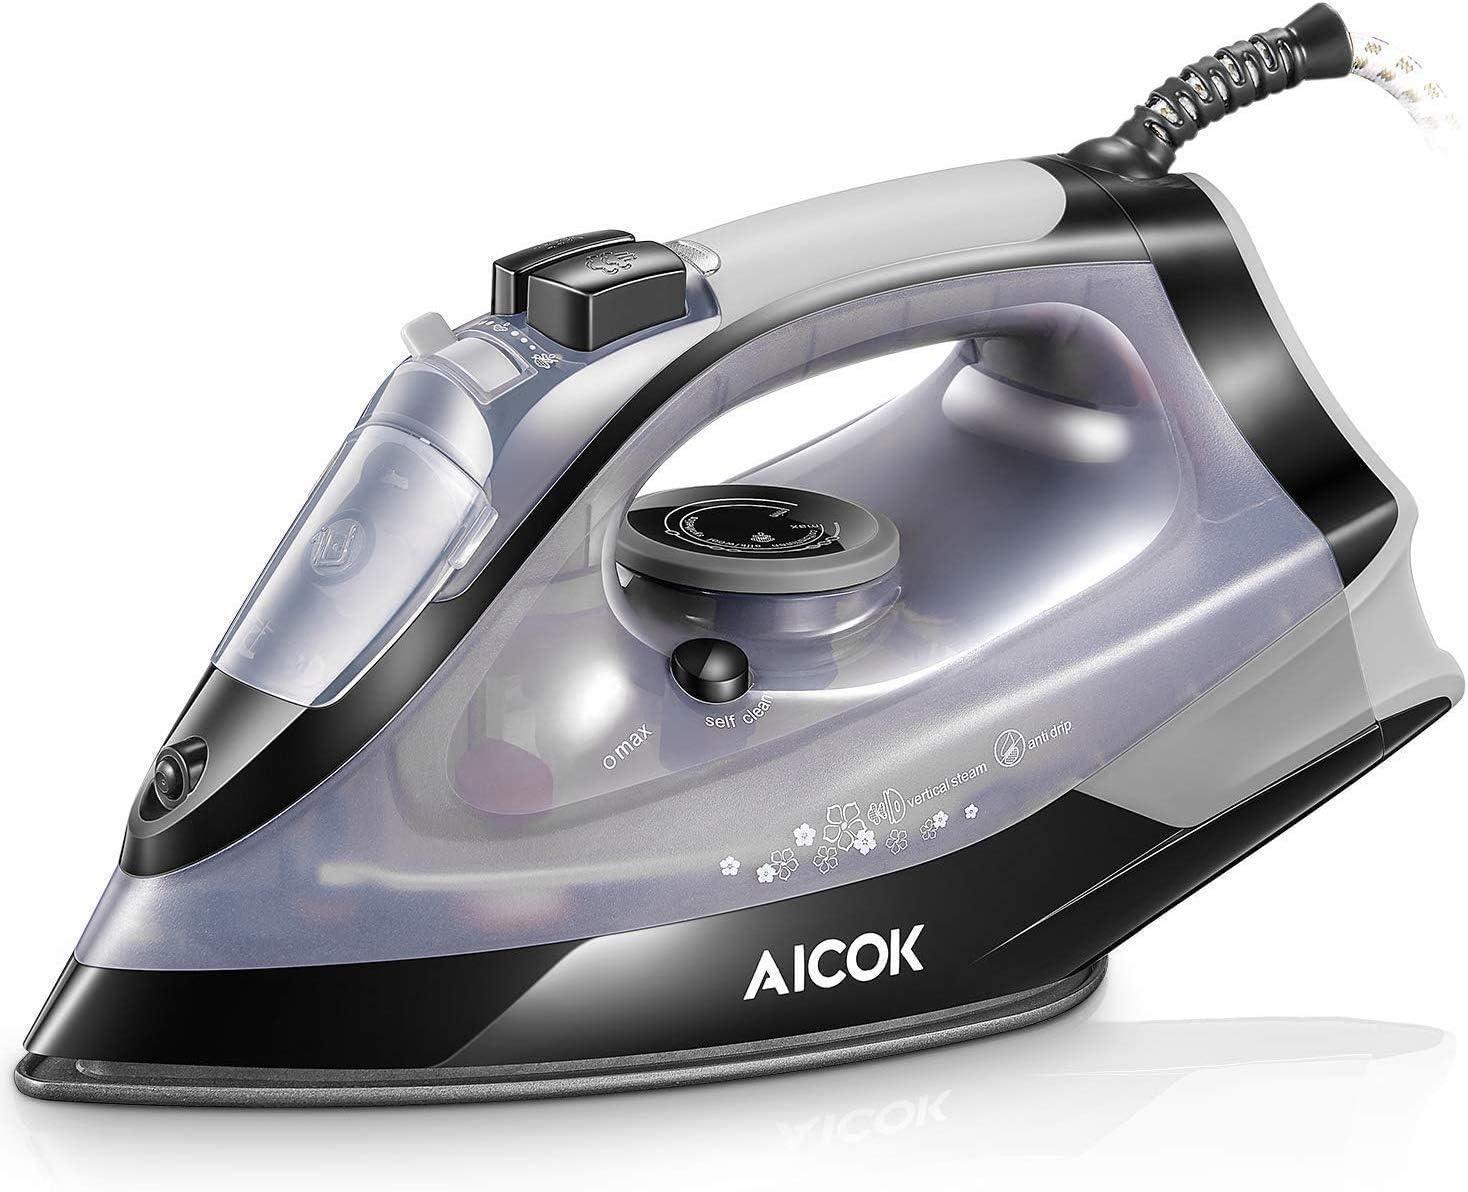 AICOK Plancha Ropa, Plancha de Vapor 2500W con Anti-Escala, Revestimiento Ceramic Coat, Anti Goteo, Auto Limpieza, 5 Modos de Control de Temperatur (Choque de Vapor y Vapor Vertical 180g/min), 300ml